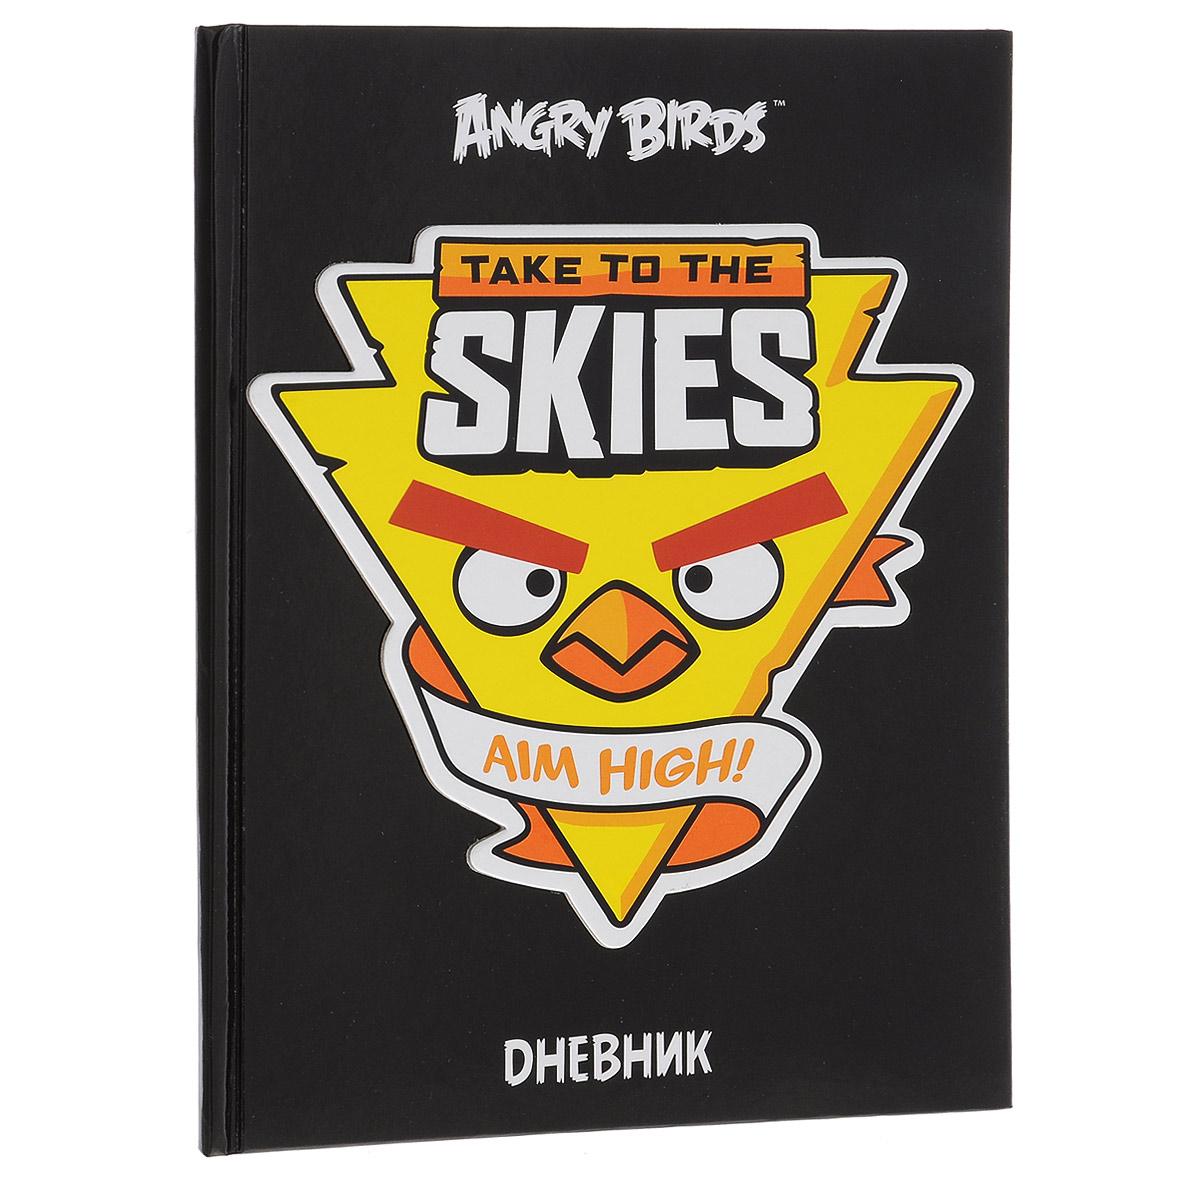 Дневник школьный Hatber Angry Birds, цвет: черный, желтый40ДТ5B_11736Школьный дневник Hatber Angry Birds - первый ежедневник вашего ребенка. Он поможет ему не забыть свои задания, а вы всегда сможете проконтролировать его успеваемость. Дневник предназначен для учеников 1-11 классов. Внутренний блок дневника состоит из 40 листов белой бумаги с линовкой черного цвета и с изображением забавных птичек из игры Angry Birds на каждой страничке. Обложка выполнена из плотного глянцевого картона с объемной наклейкой. В структуру дневника входят все необходимые разделы: информация о личных данных ученика, школе и педагогах, друзьях и одноклассниках, расписание факультативов и уроков по четвертям, сведения об успеваемости. Дневник содержит номера телефонов экстренной помощи и даты государственных праздников. Школьный дневник Hatber Angry Birds станет отличным помощником ребенку в освоении новых знаний, а также отметит его успехи и достижения. Рекомендуемый возраст: от 6 лет.